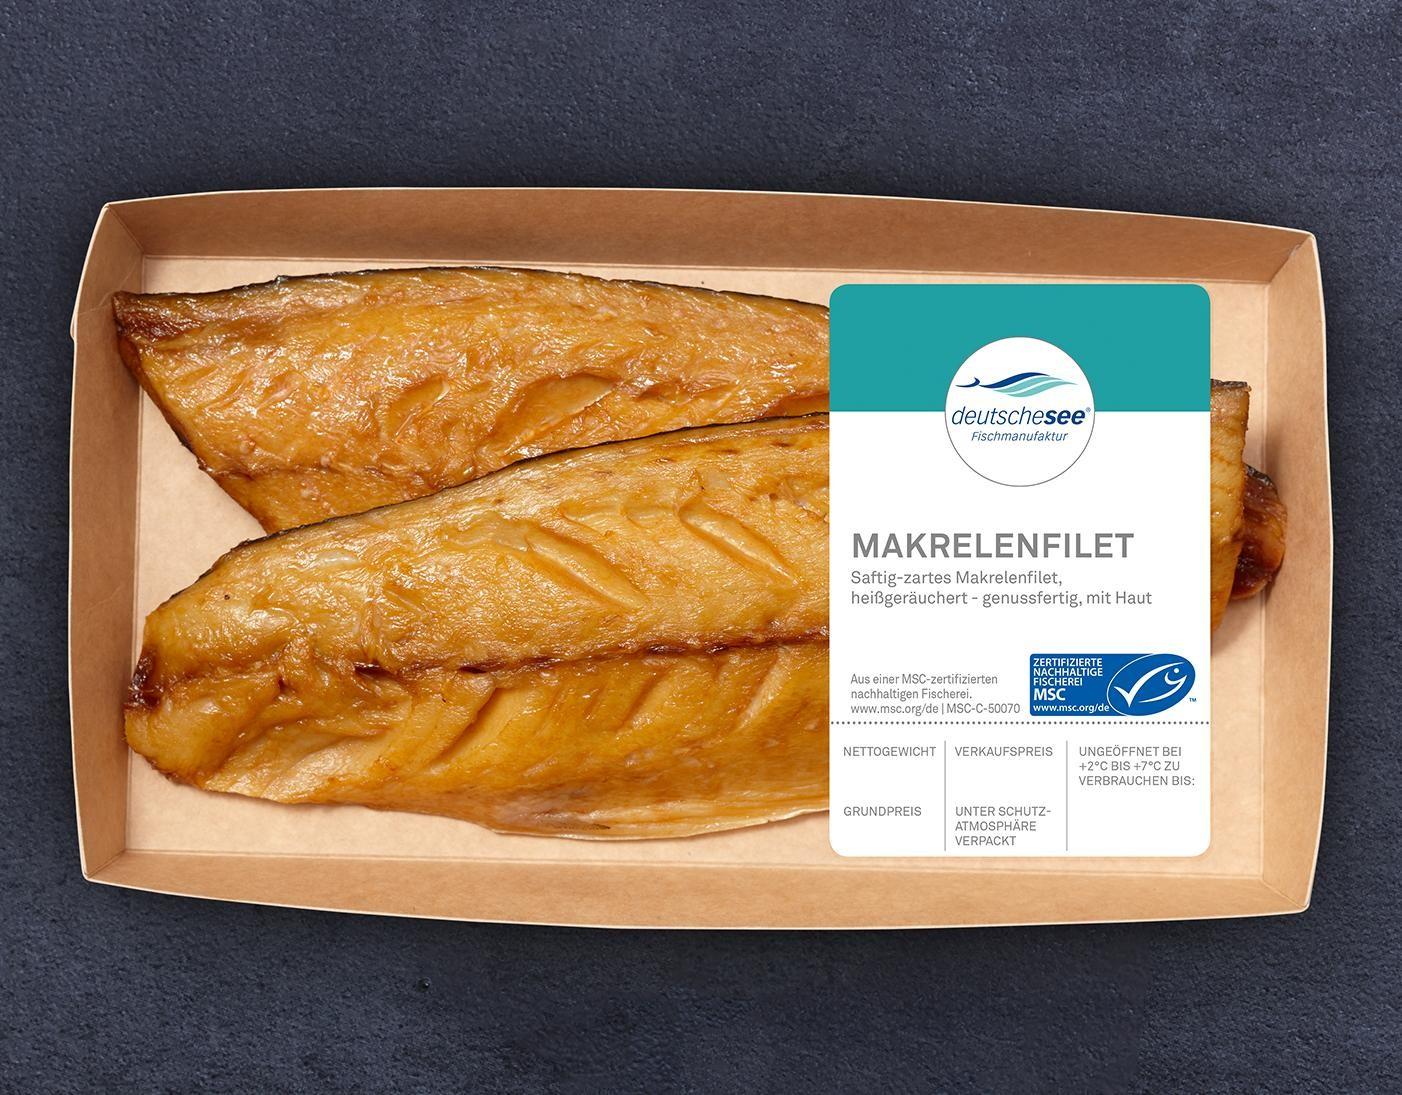 Makrelenfilet heißgeräuchert jetzt kaufen!